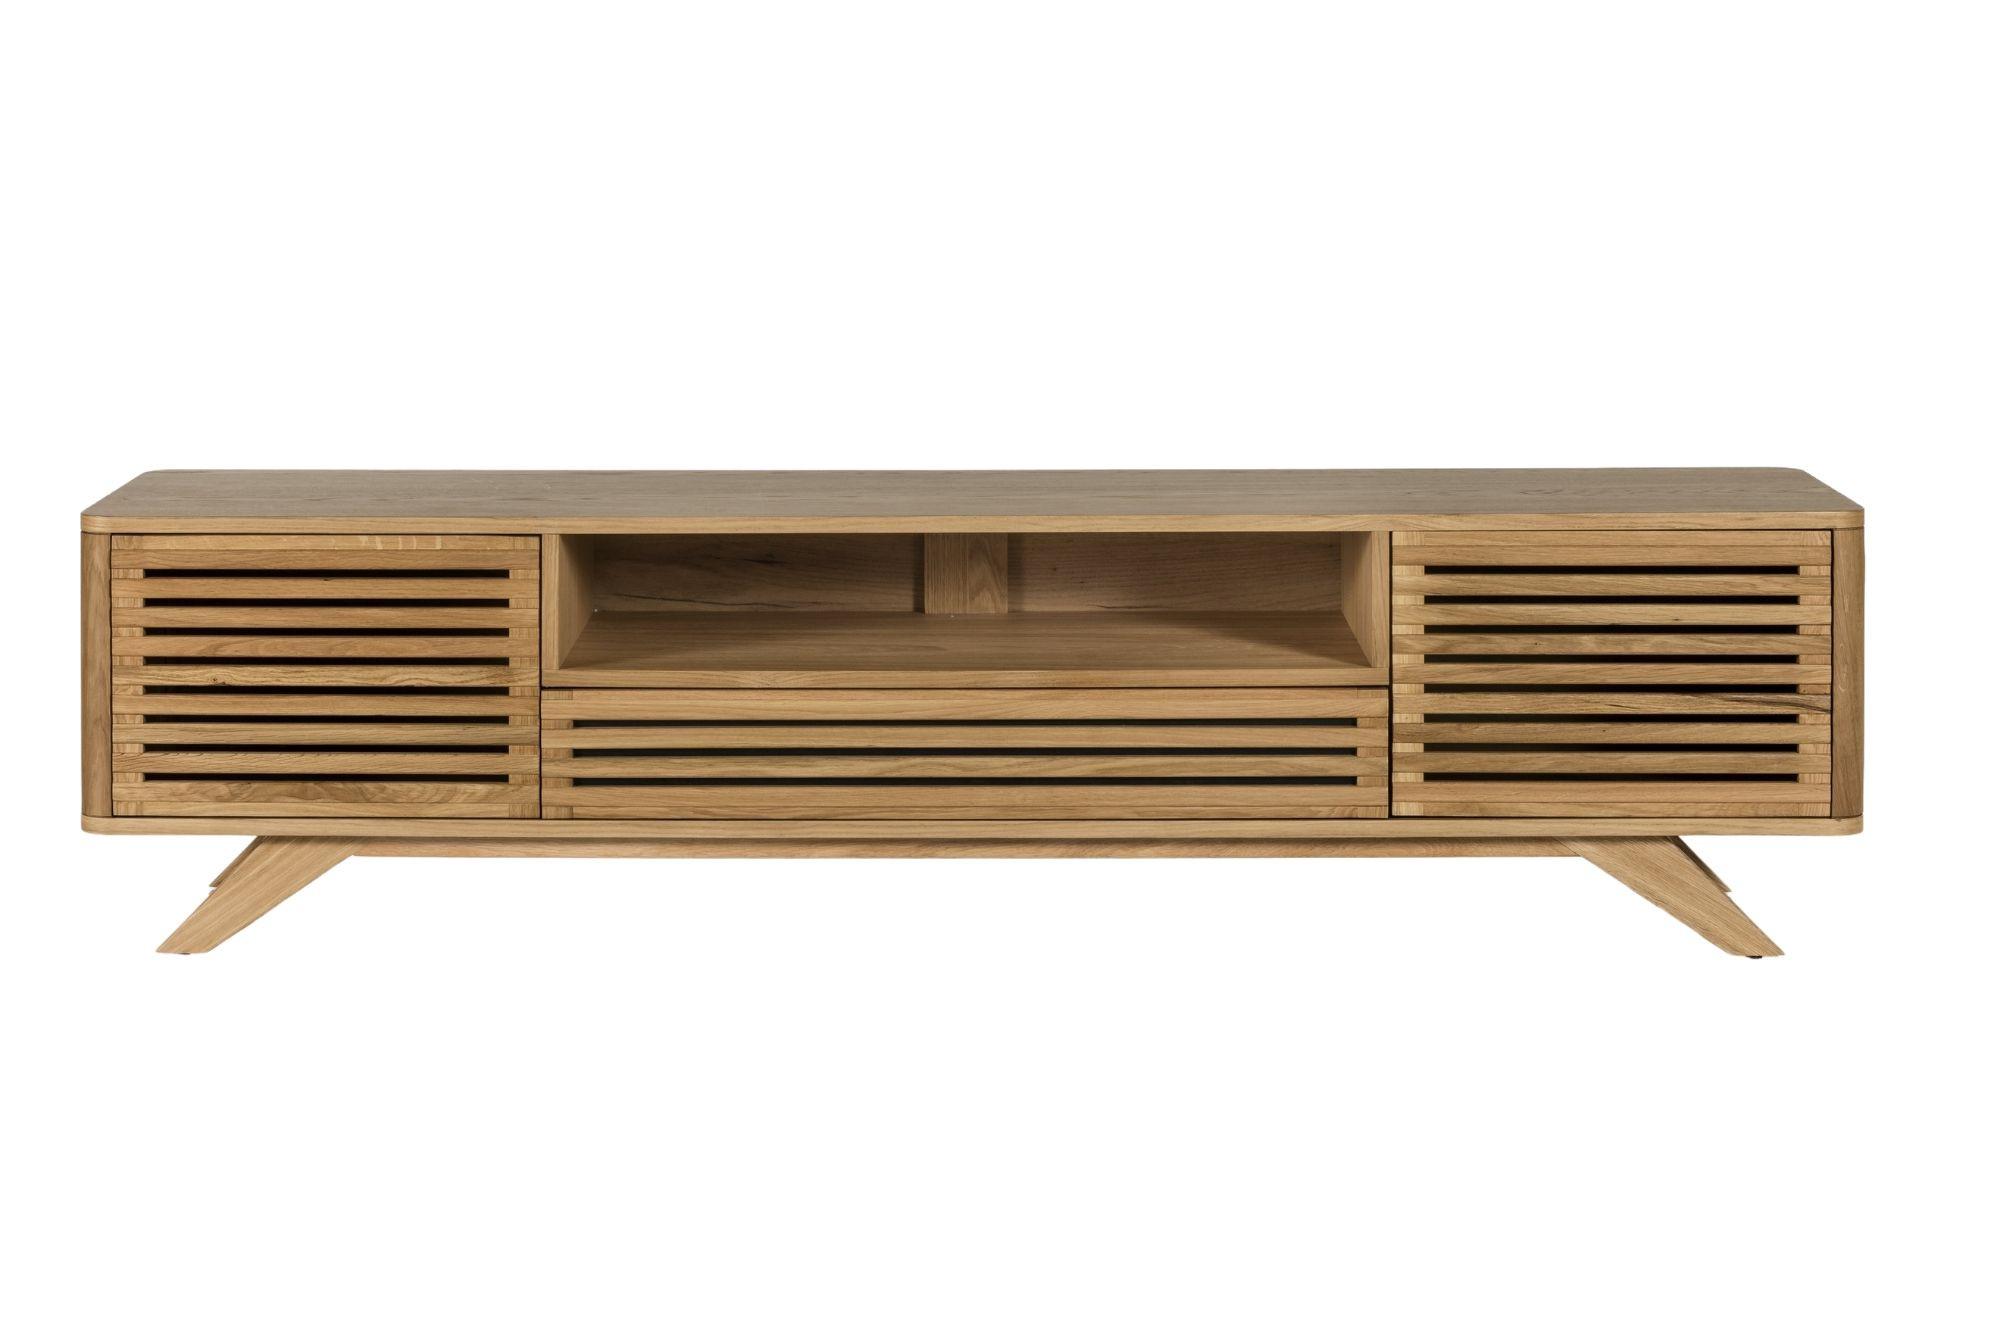 meuble tv en bois clair moderne et aux portes ajourees hellin